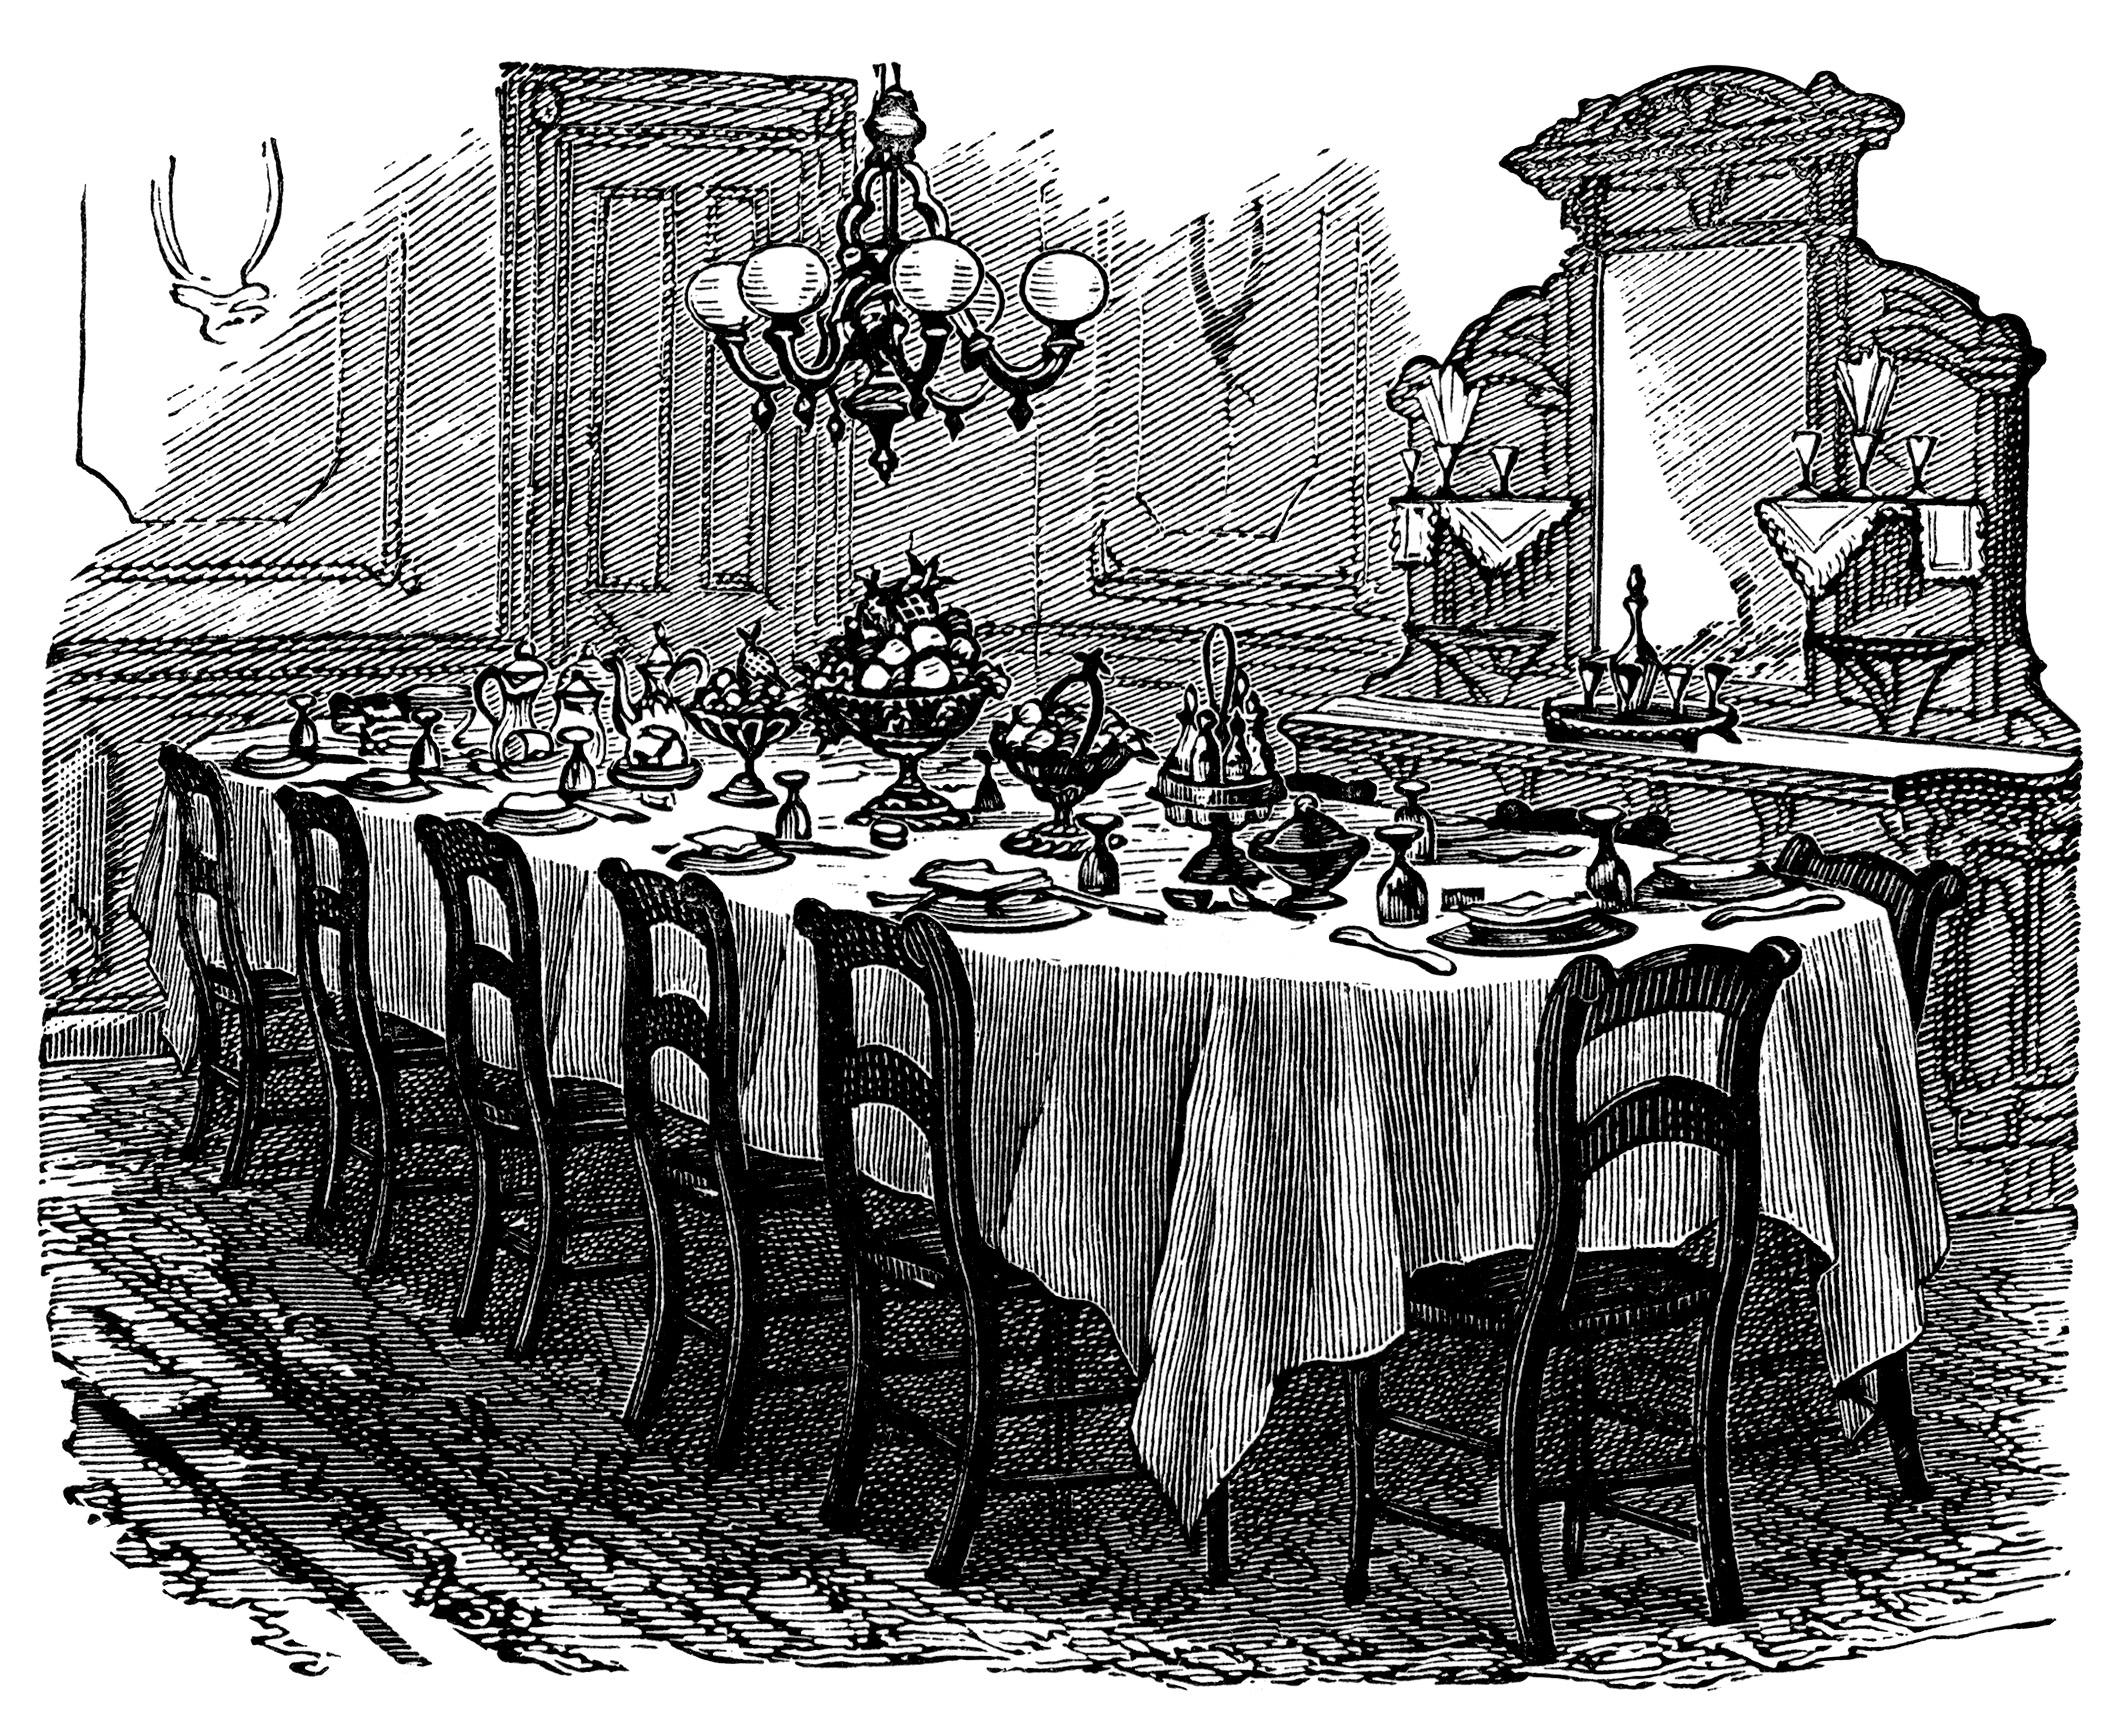 banquet clinton street social club.jpg